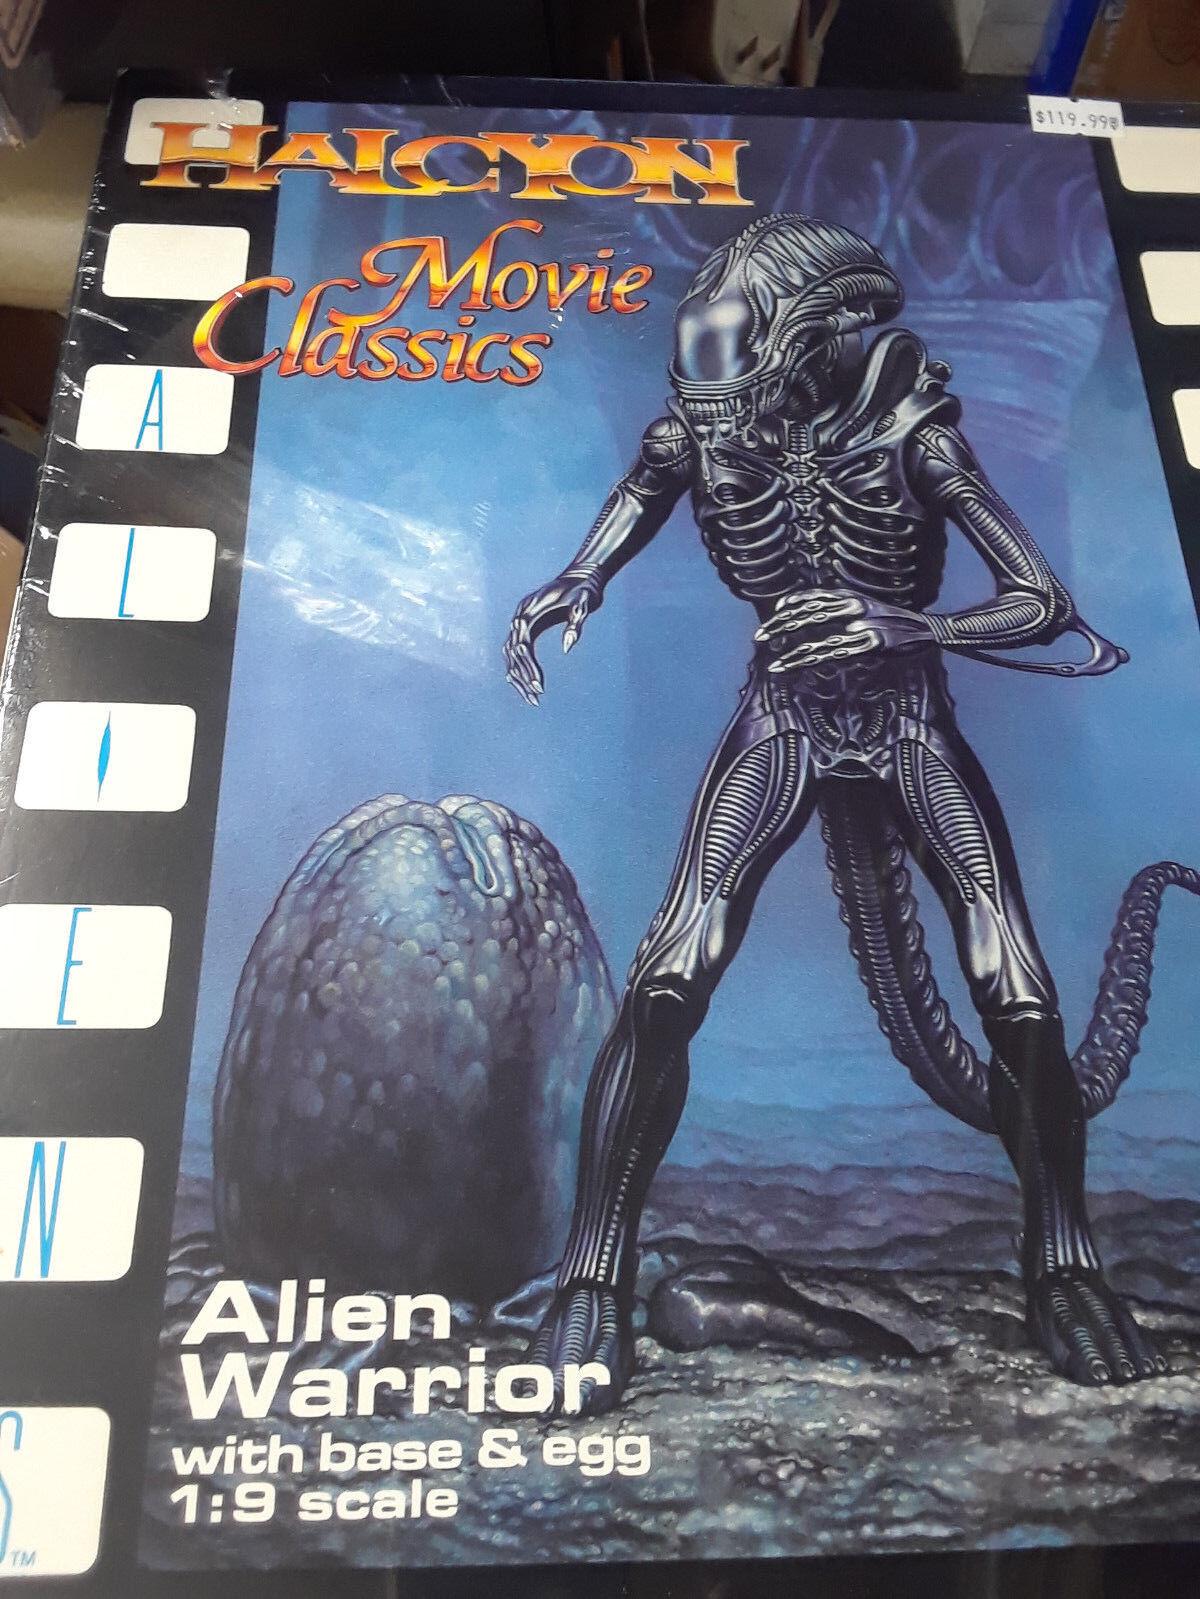 Halcyon película clásicos Alien Warrior Con Base & Kit de modelo de escala 1/9 de huevo